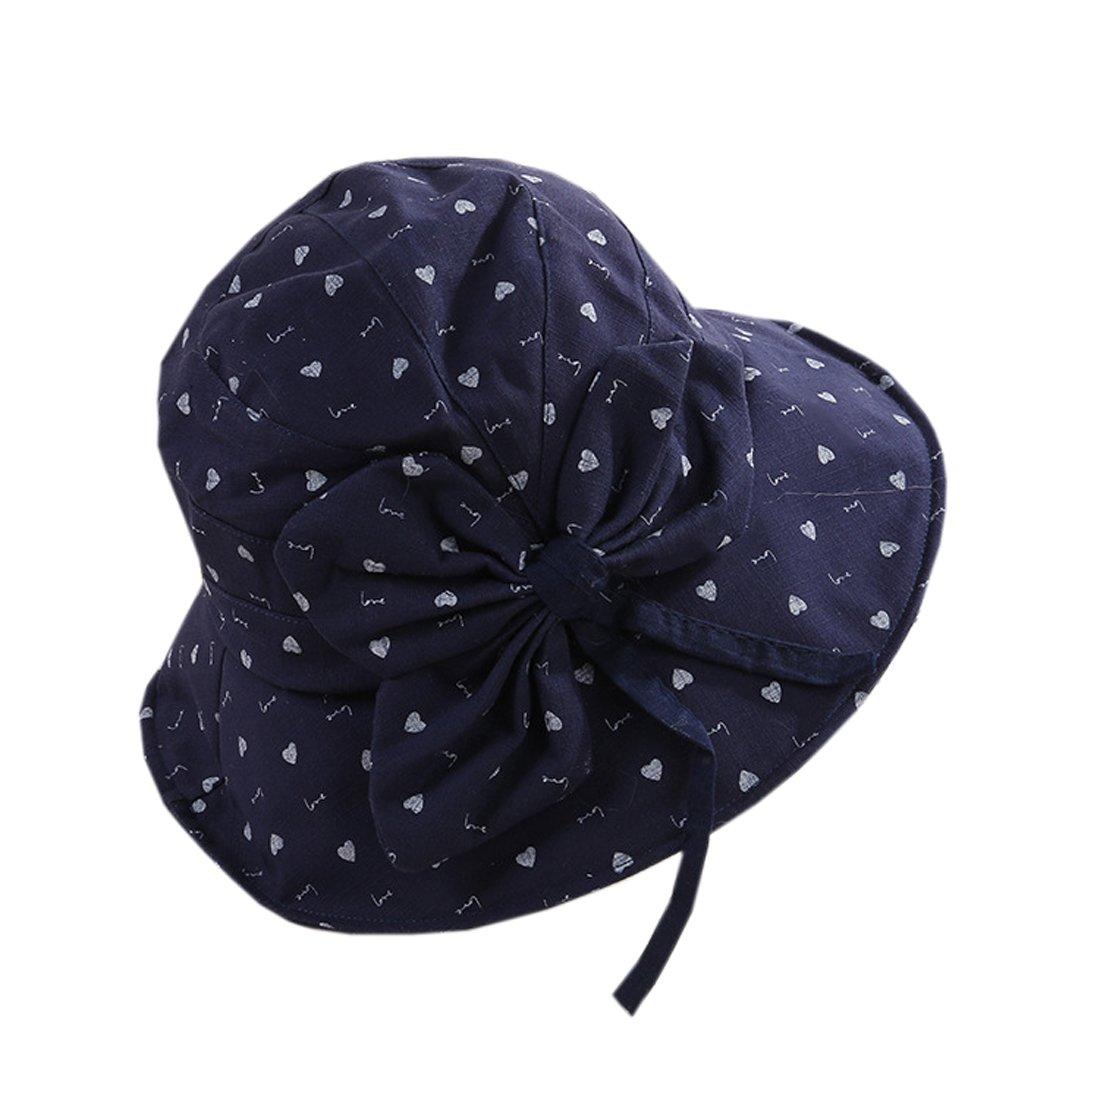 YueLian Womens Printed Bowknot Summer Outdoor Activities Bucket Hats